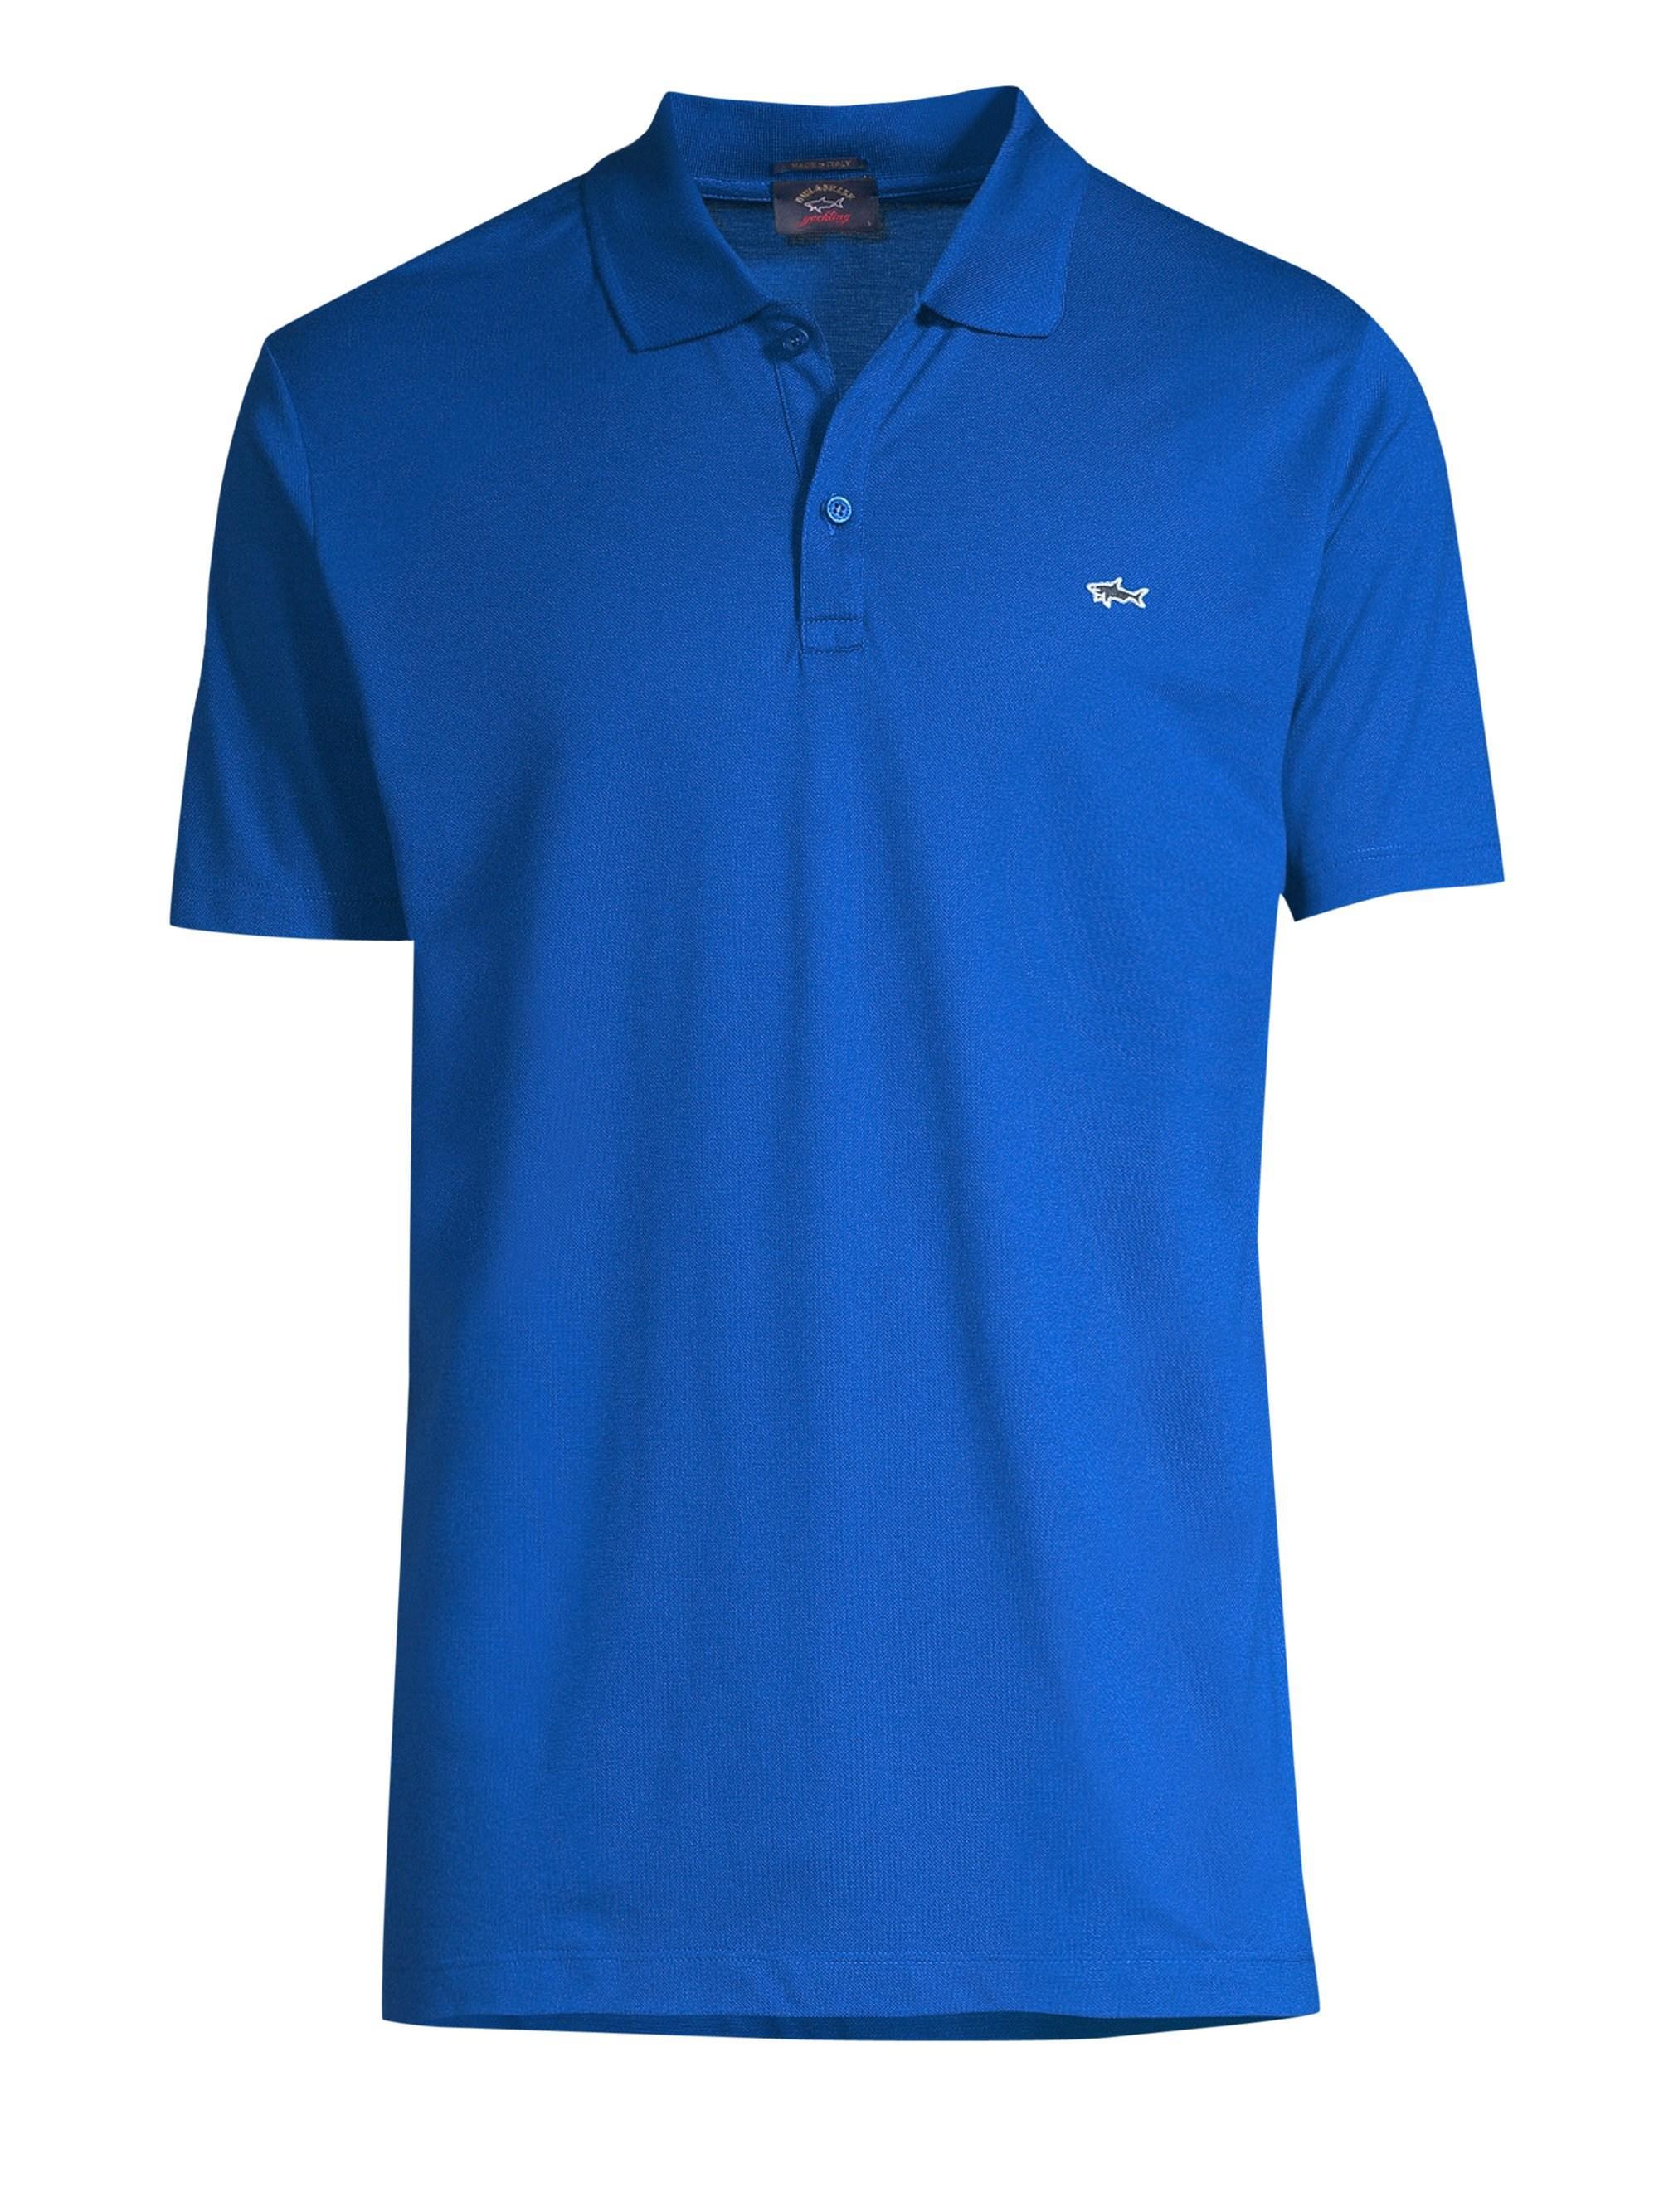 6fb1f5cb9 Mens Knit Polo Shirts - DREAMWORKS